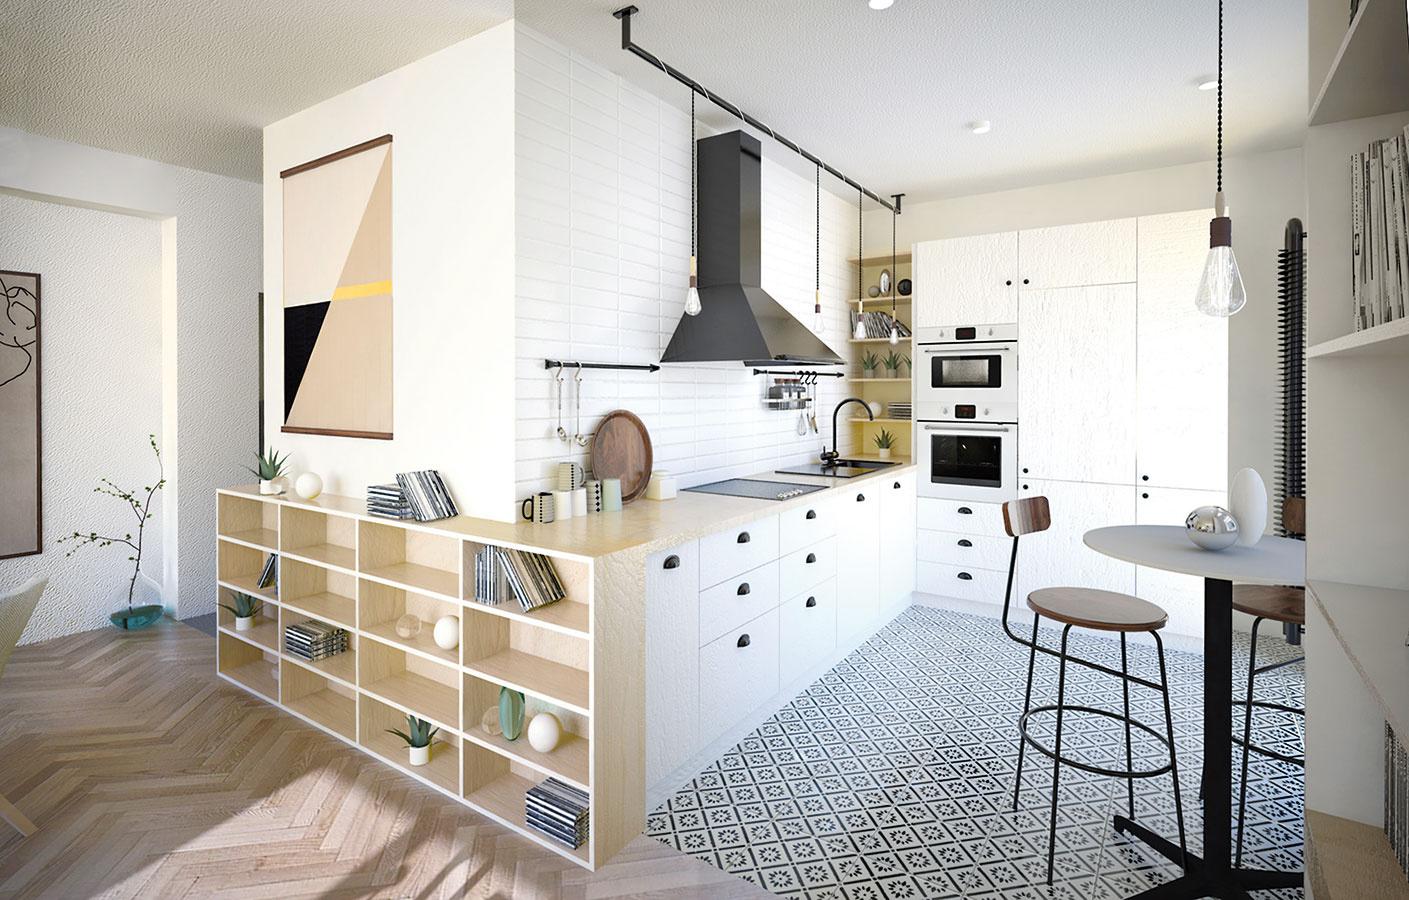 Kuchynská linka plynulo nadväzuje na plytkú policovú stenu vobývacej časti. Tá môže slúžiť ako doplnková knižnica alebo ako príborník, ak by sa uzavrela dvierkami.